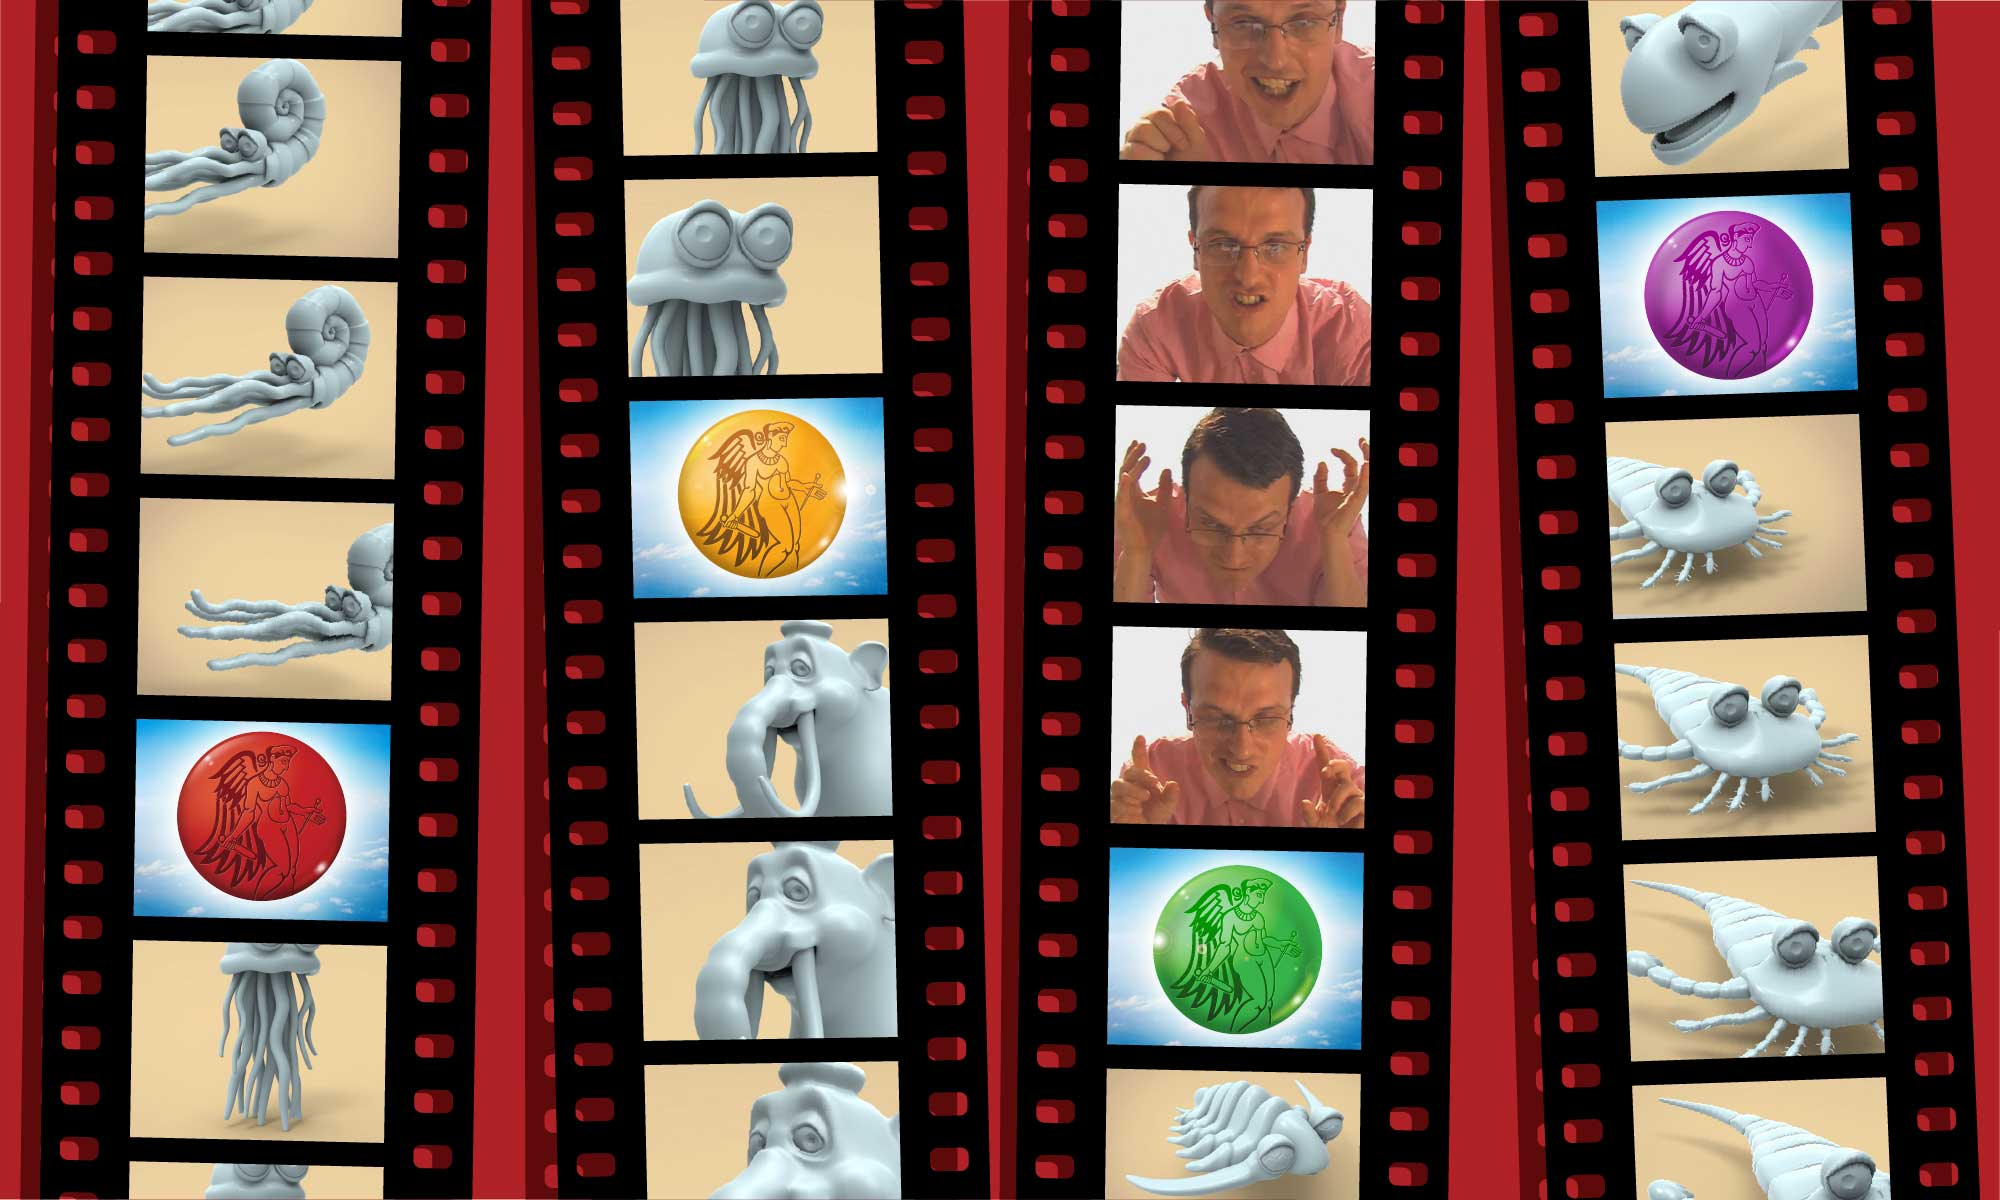 Fotogrammi tratti da 'Alteregay' e 'La freccia del tempo', audiovisivi prodotti da Fargo Entertainment